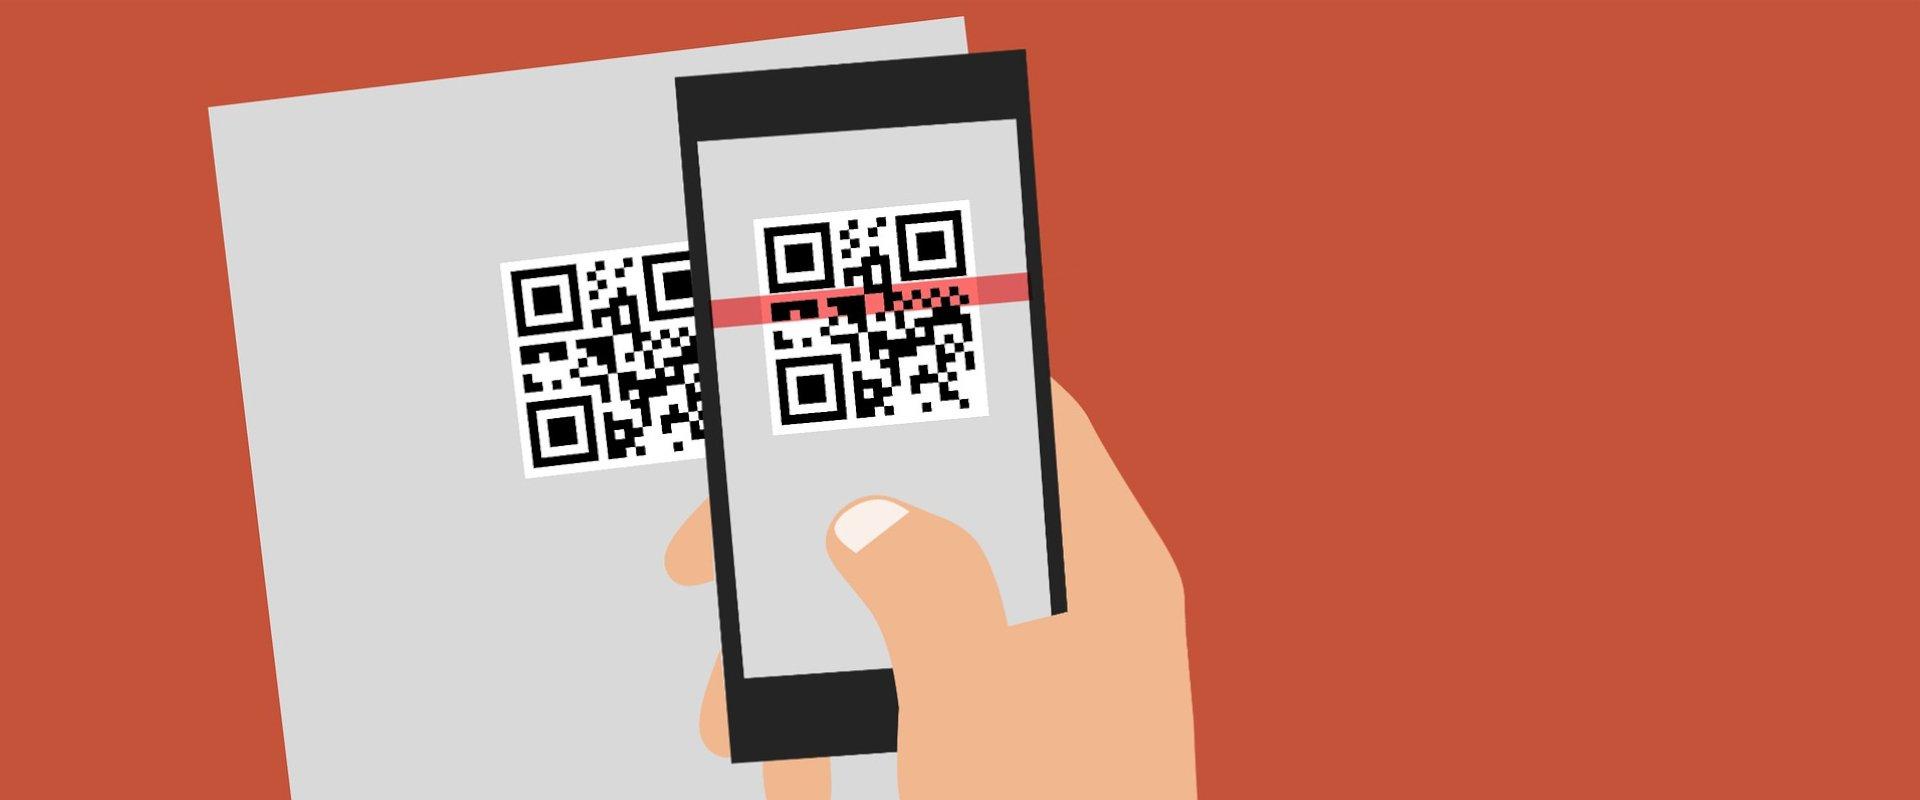 COSYS Paketshop App für Smartphones